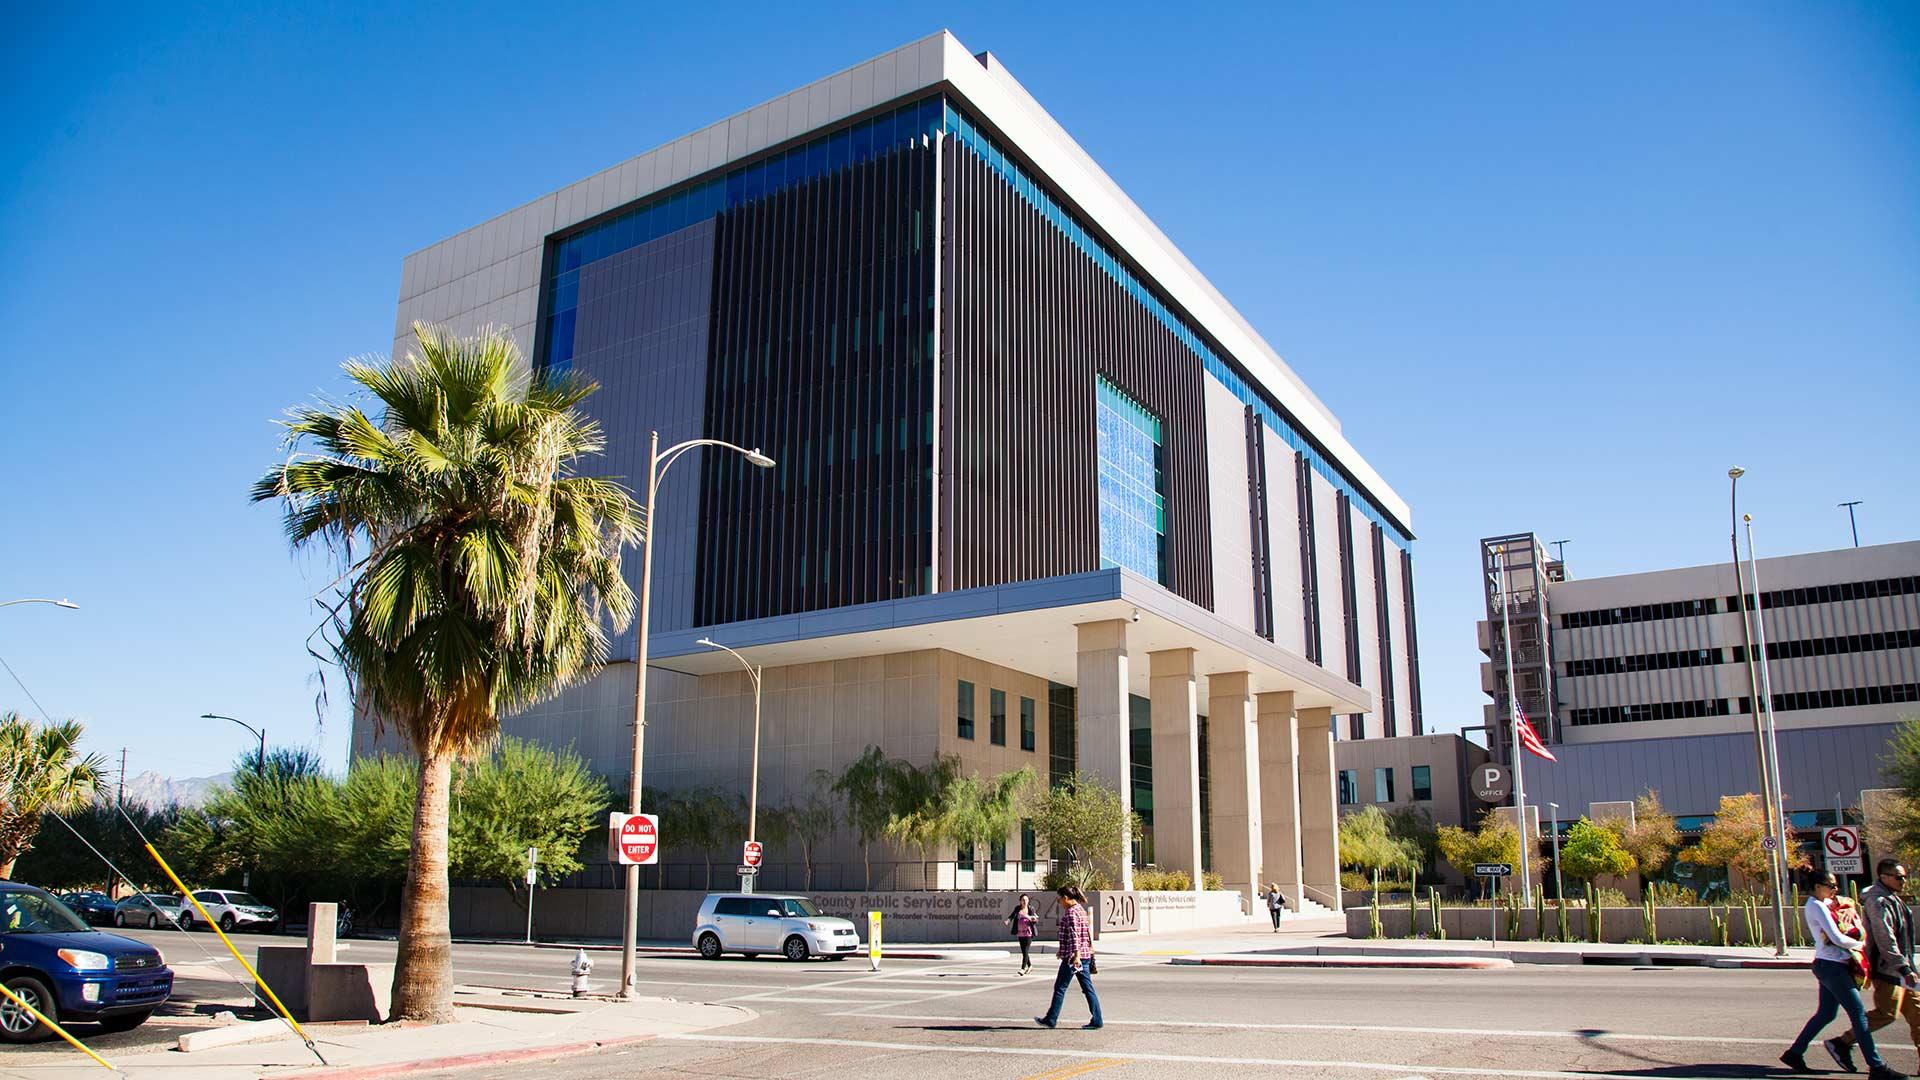 Pima public services building